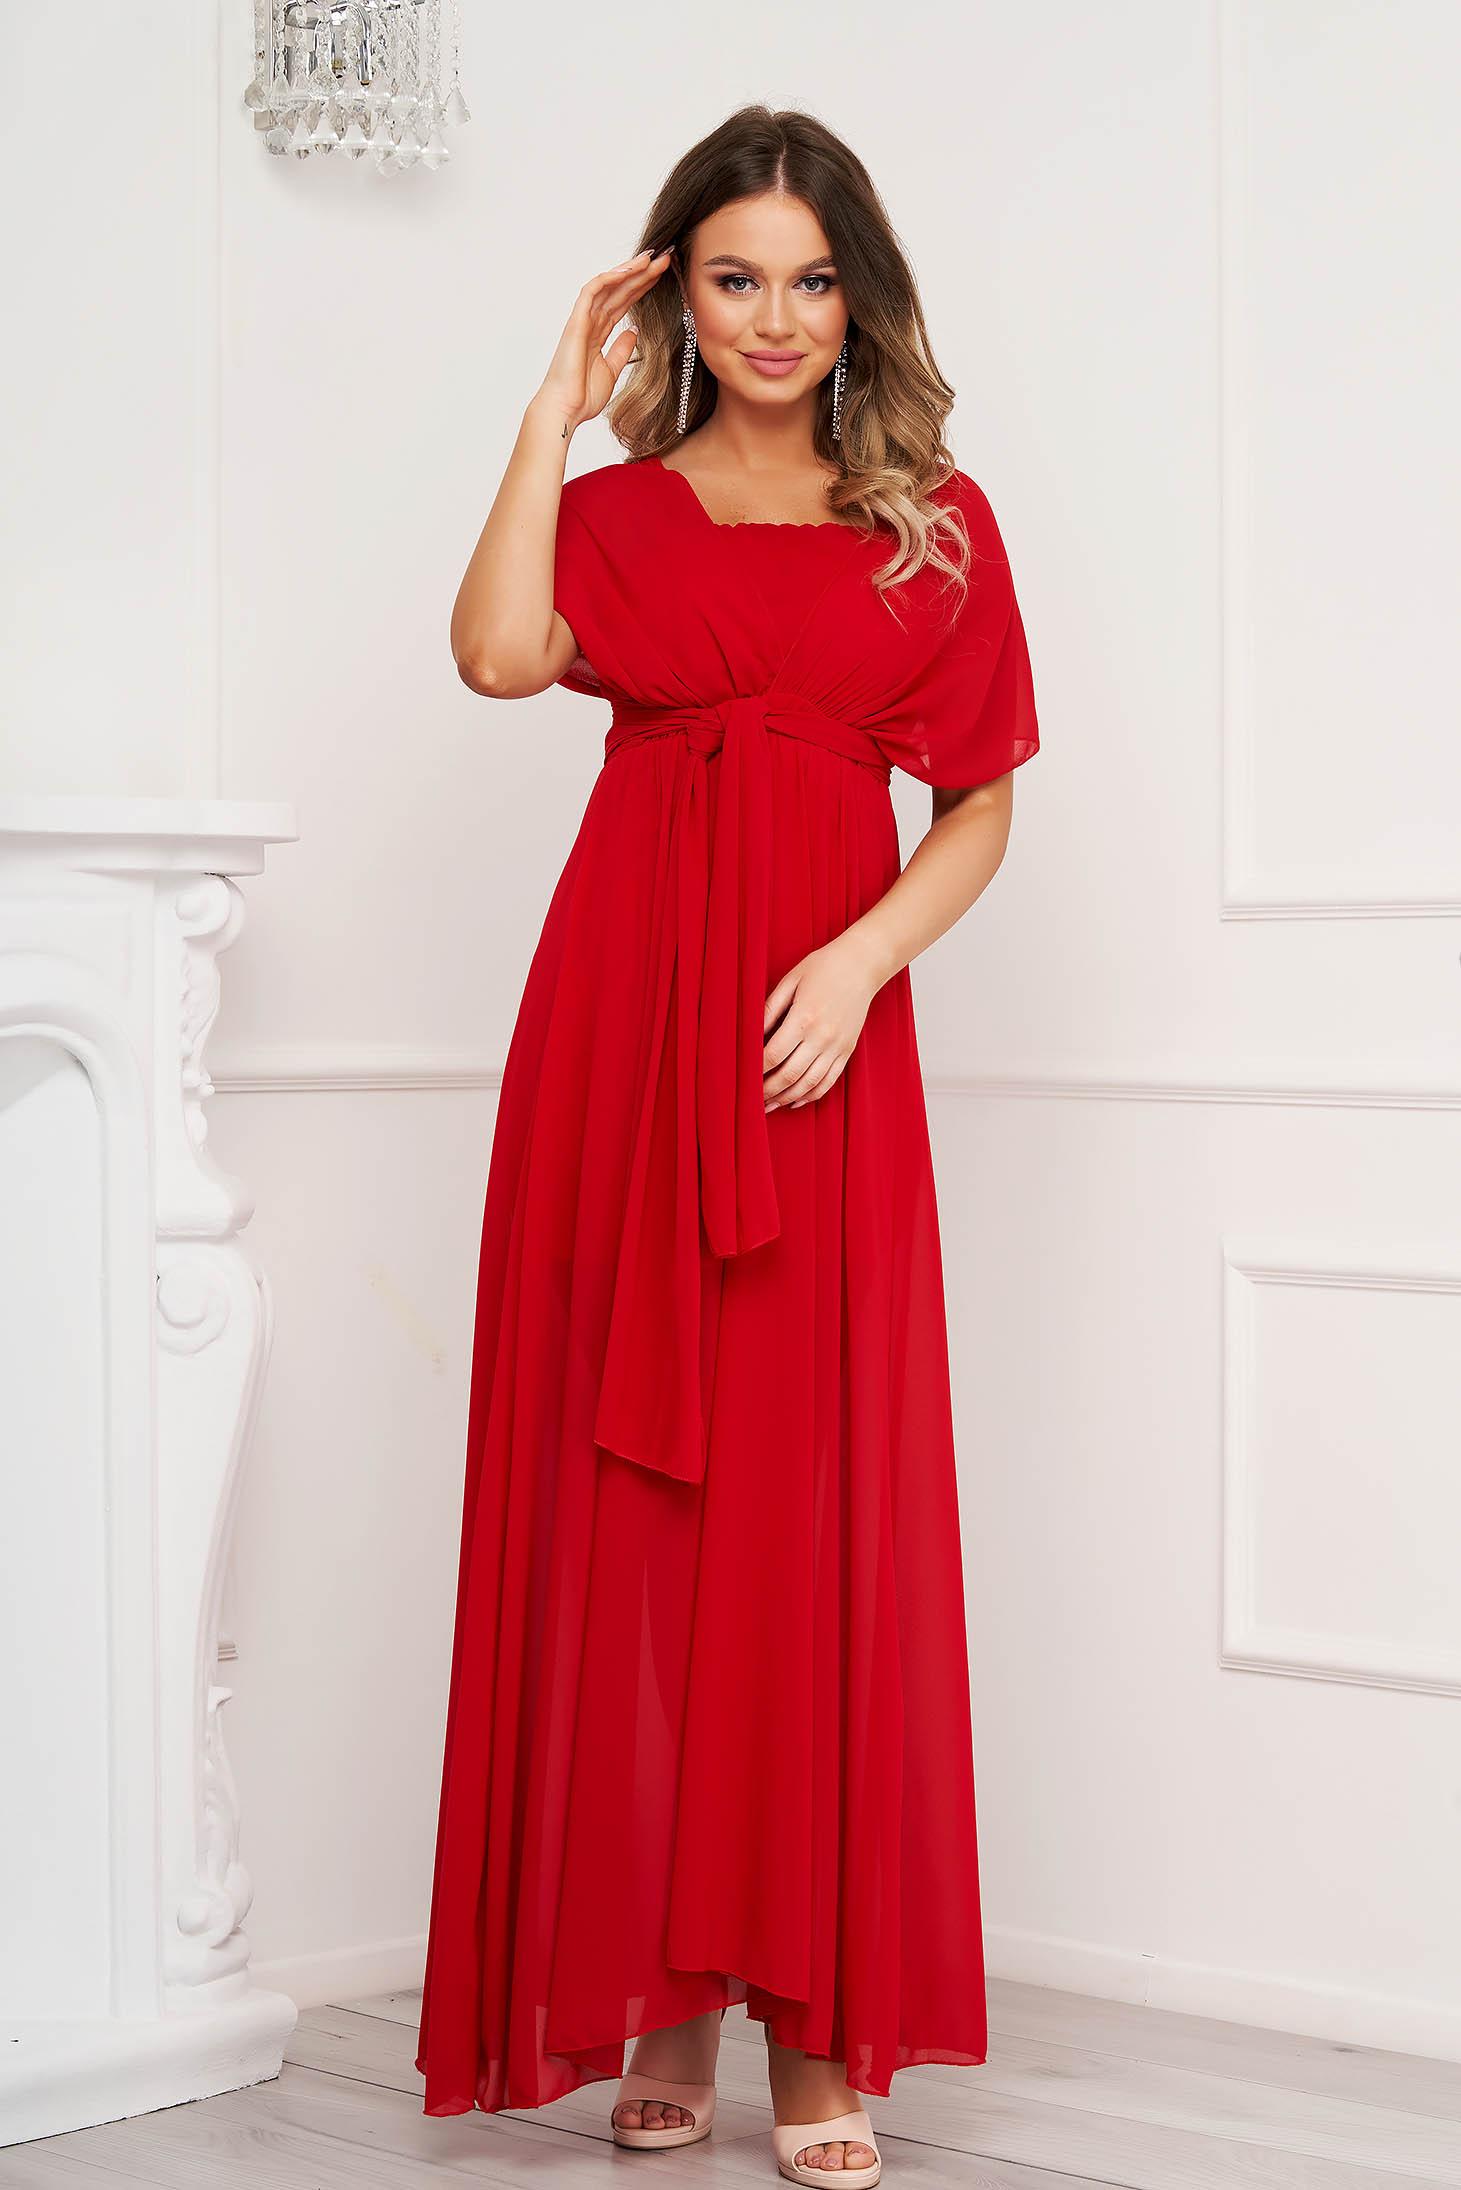 Piros alkalmi muszlin ruha harang alakú gumirozott derékrésszel